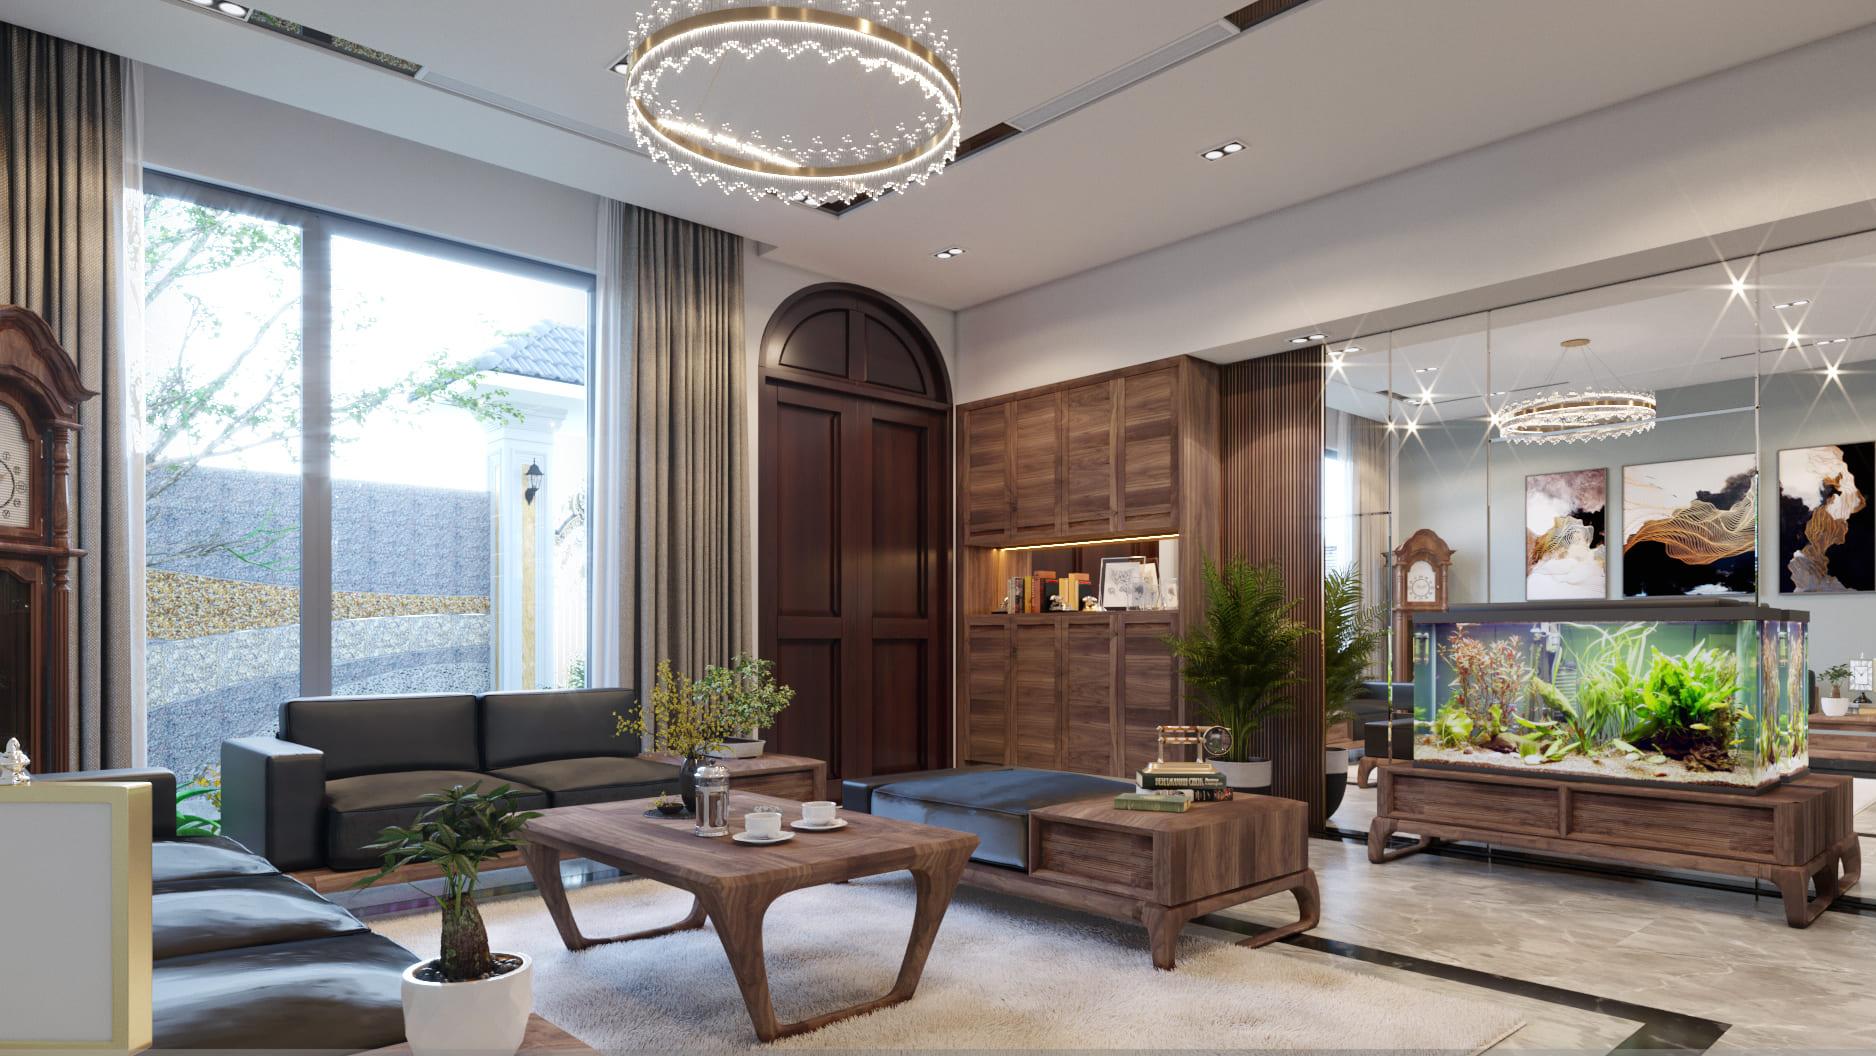 Nội thất gỗ óc chó – Vẻ đẹp say đắm mọi ánh nhìn